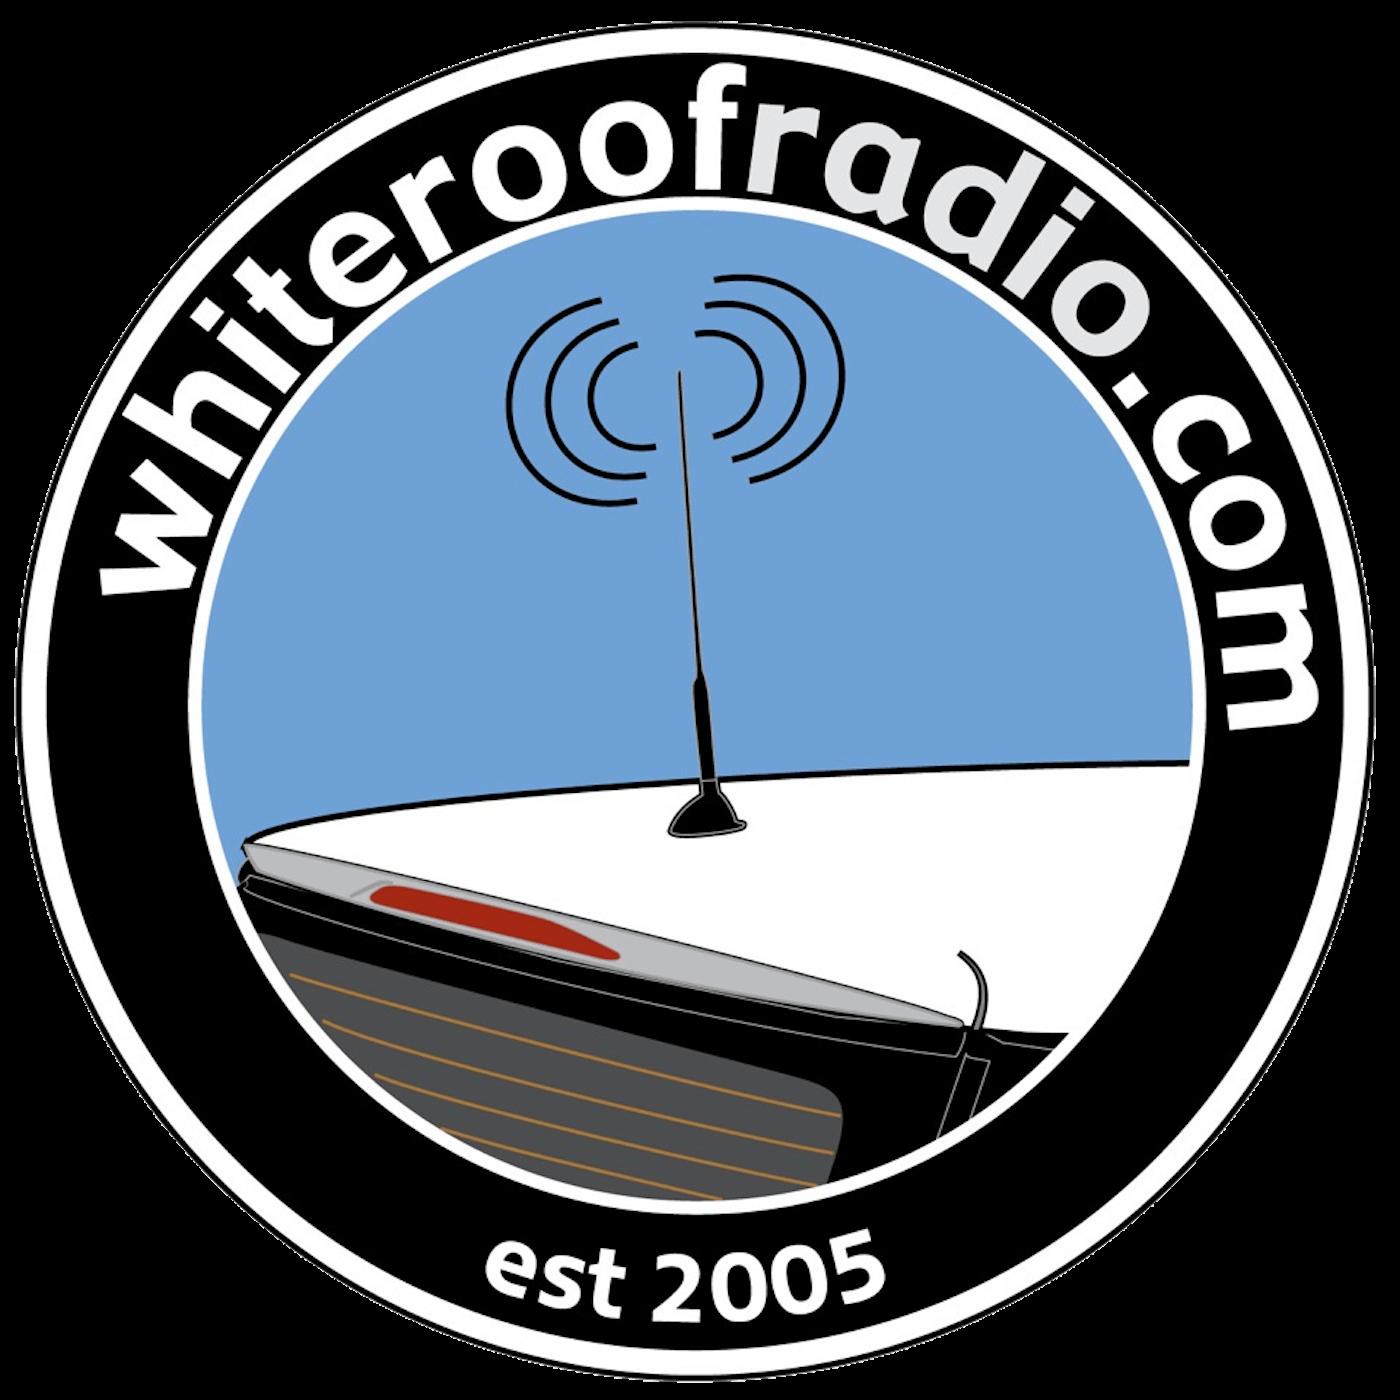 White Roof Radio - The MINI Cooper Podcast show art